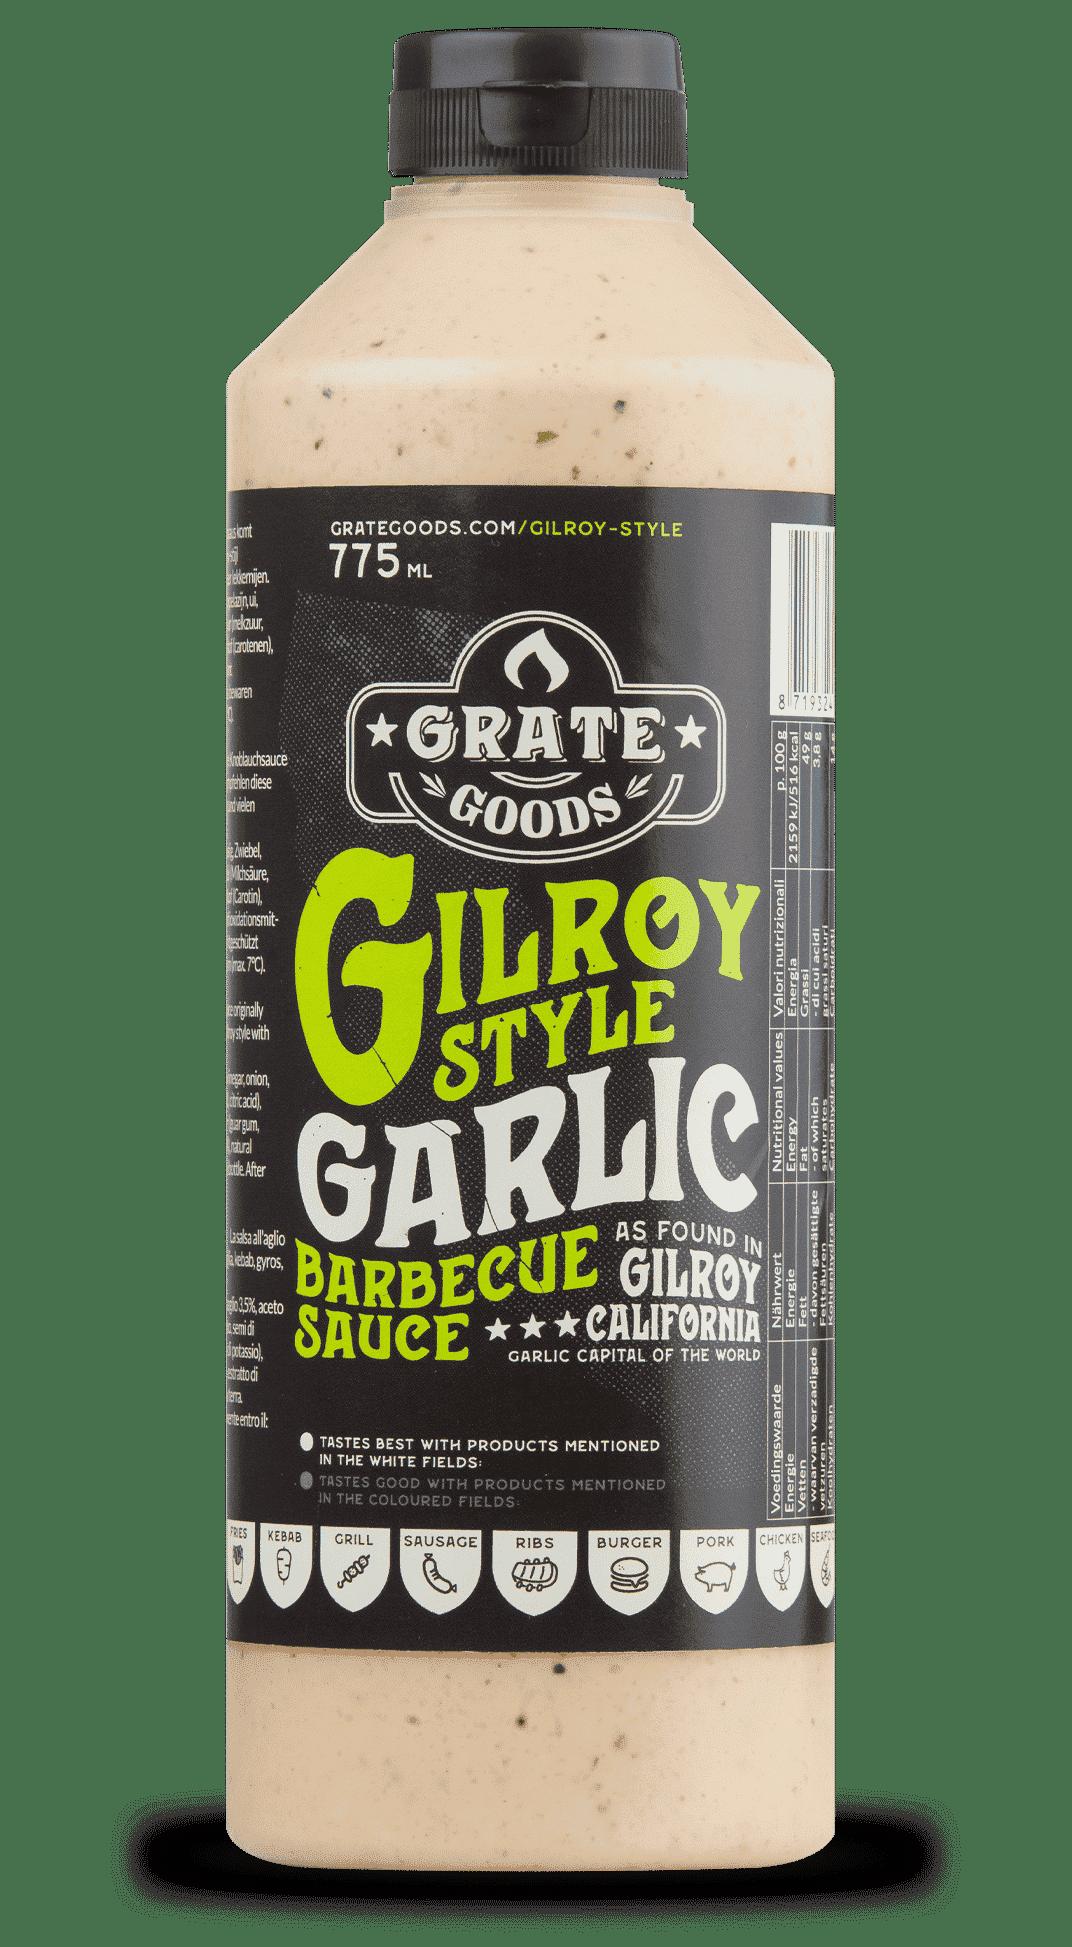 grate goods gilroy garlic sauce